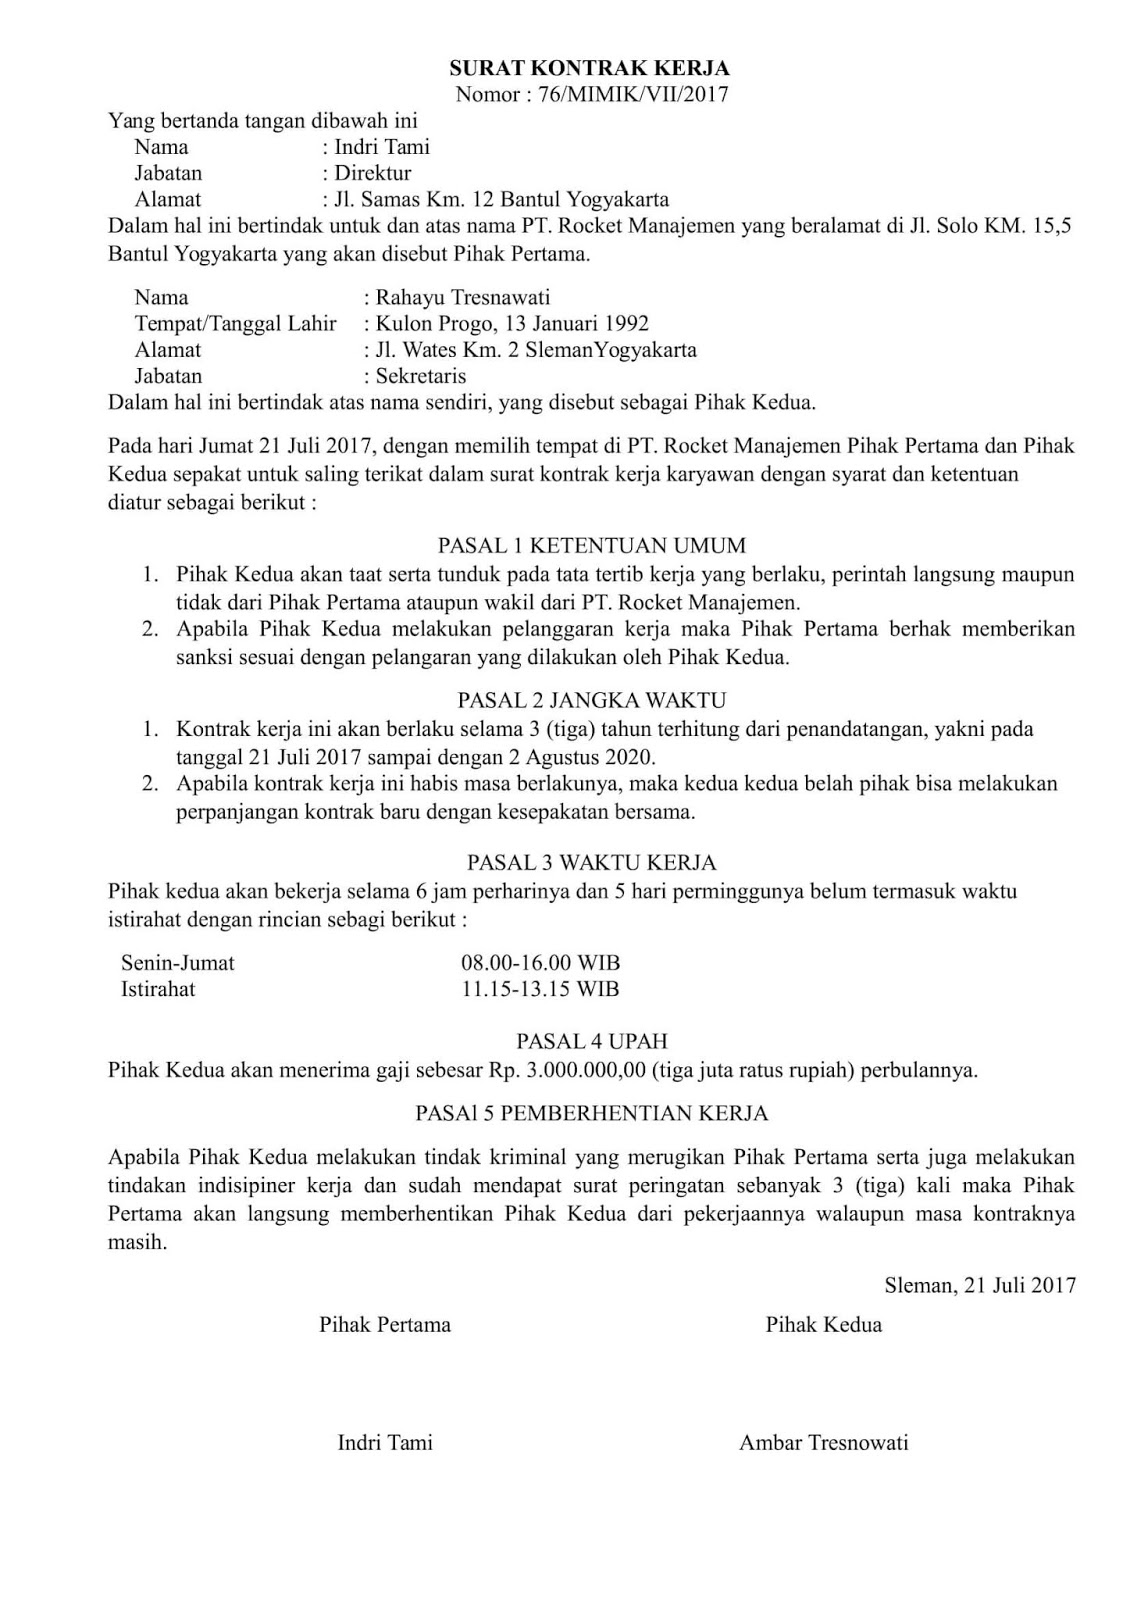 Contoh Surat Perjanjian Kontrak Kerja Karyawan Swasta Pdf ...